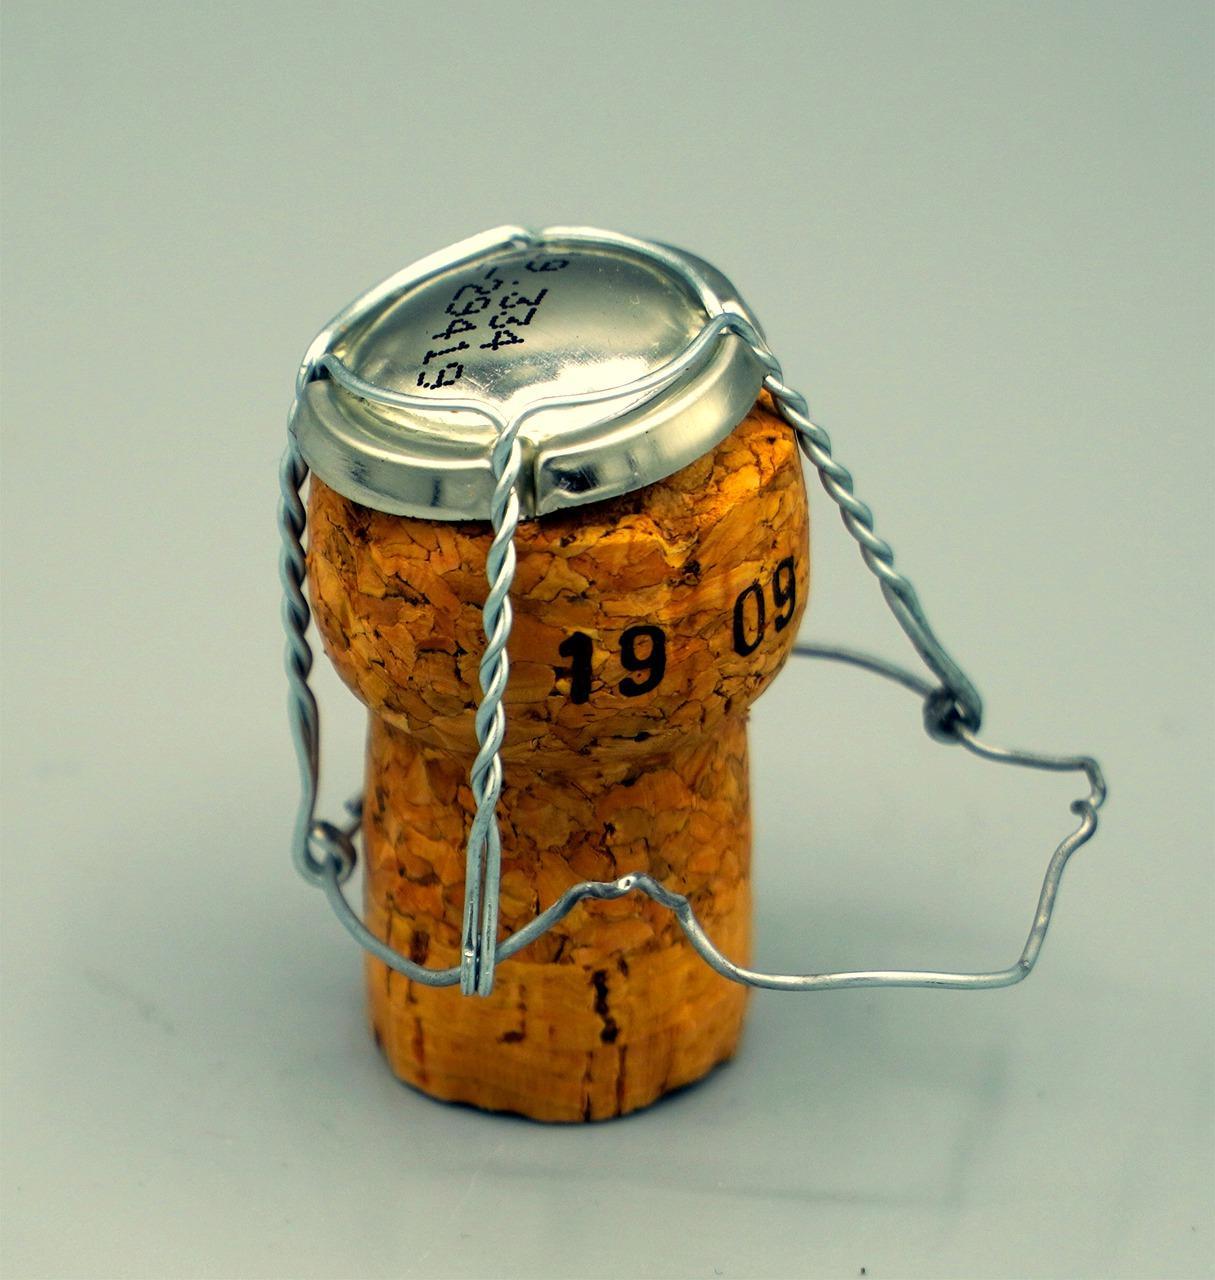 Comment s'appelle la capsule de champagne ?